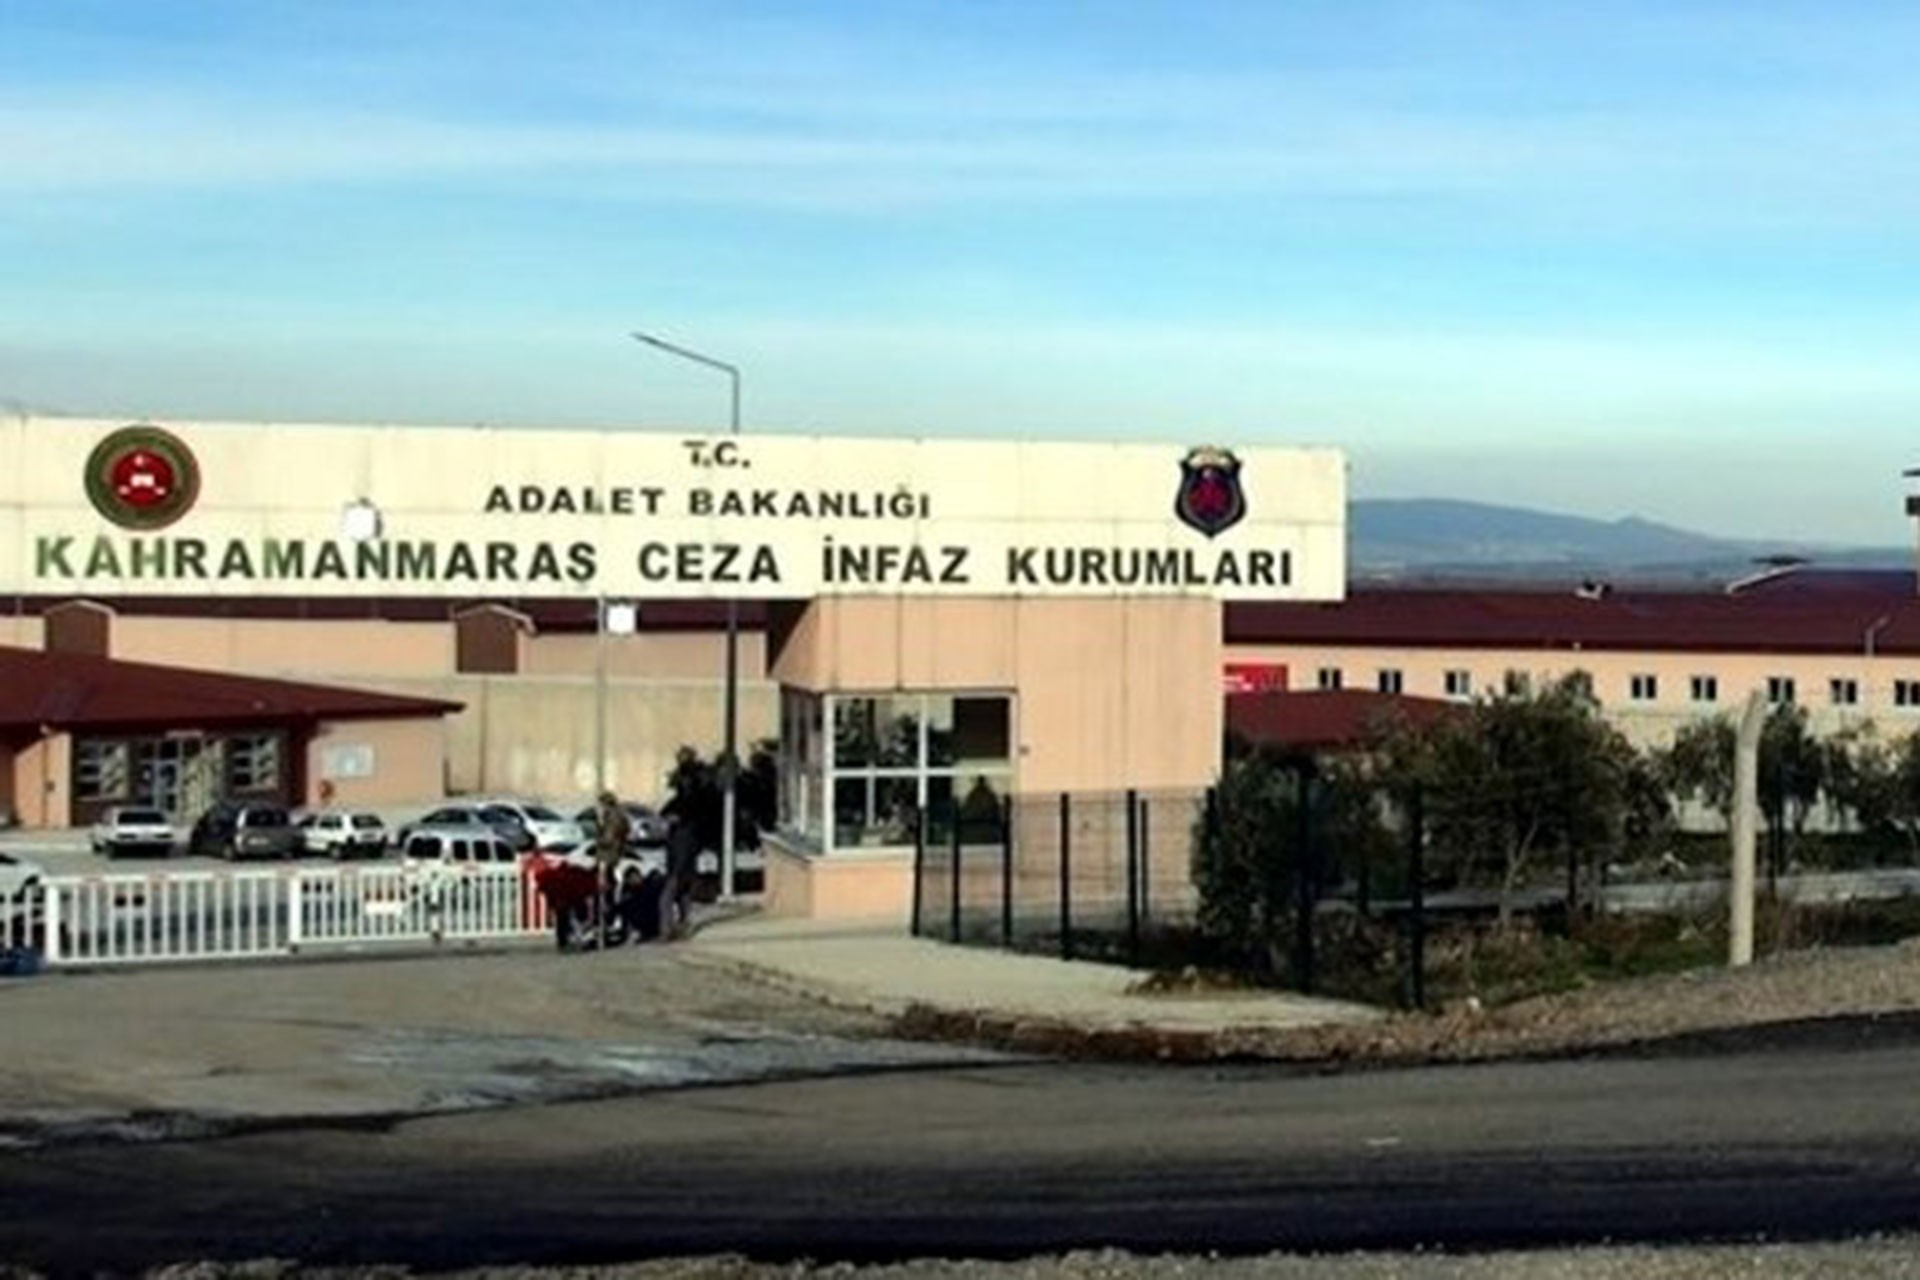 Maraş Türkoğlu Cezaevinde 1 yıl kaldıktan sonra tahliye olan bir tutuklu, tedavilerinin engellendiğini; hakaret ve darba maruz kaldıklarını ileri sürdü